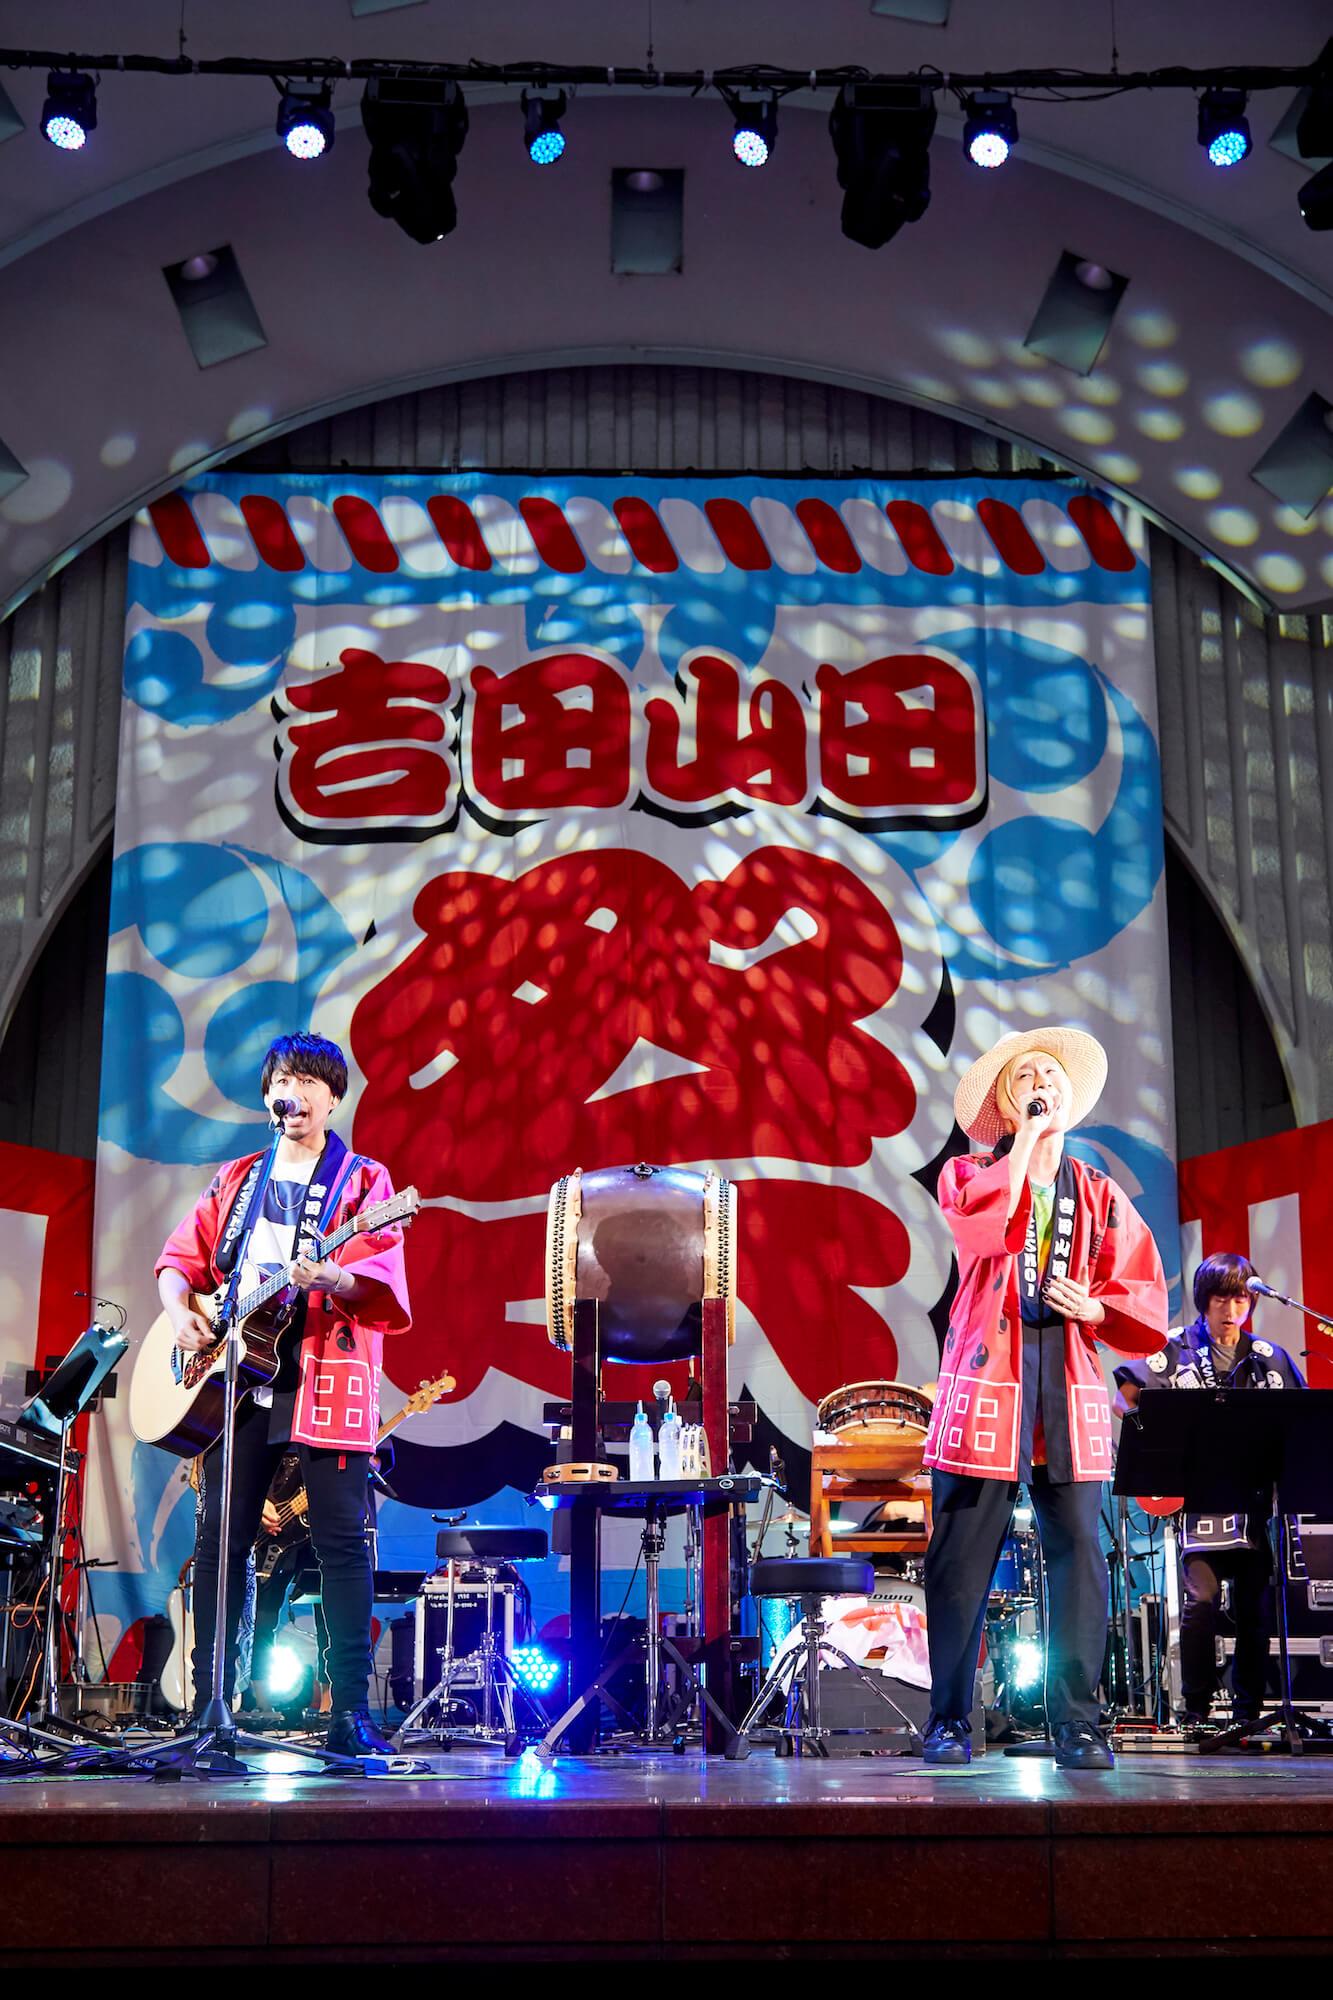 吉田山田、 今年も「吉田山田祭り2018」が大盛況、更にBAND SETツアーの開催も発表